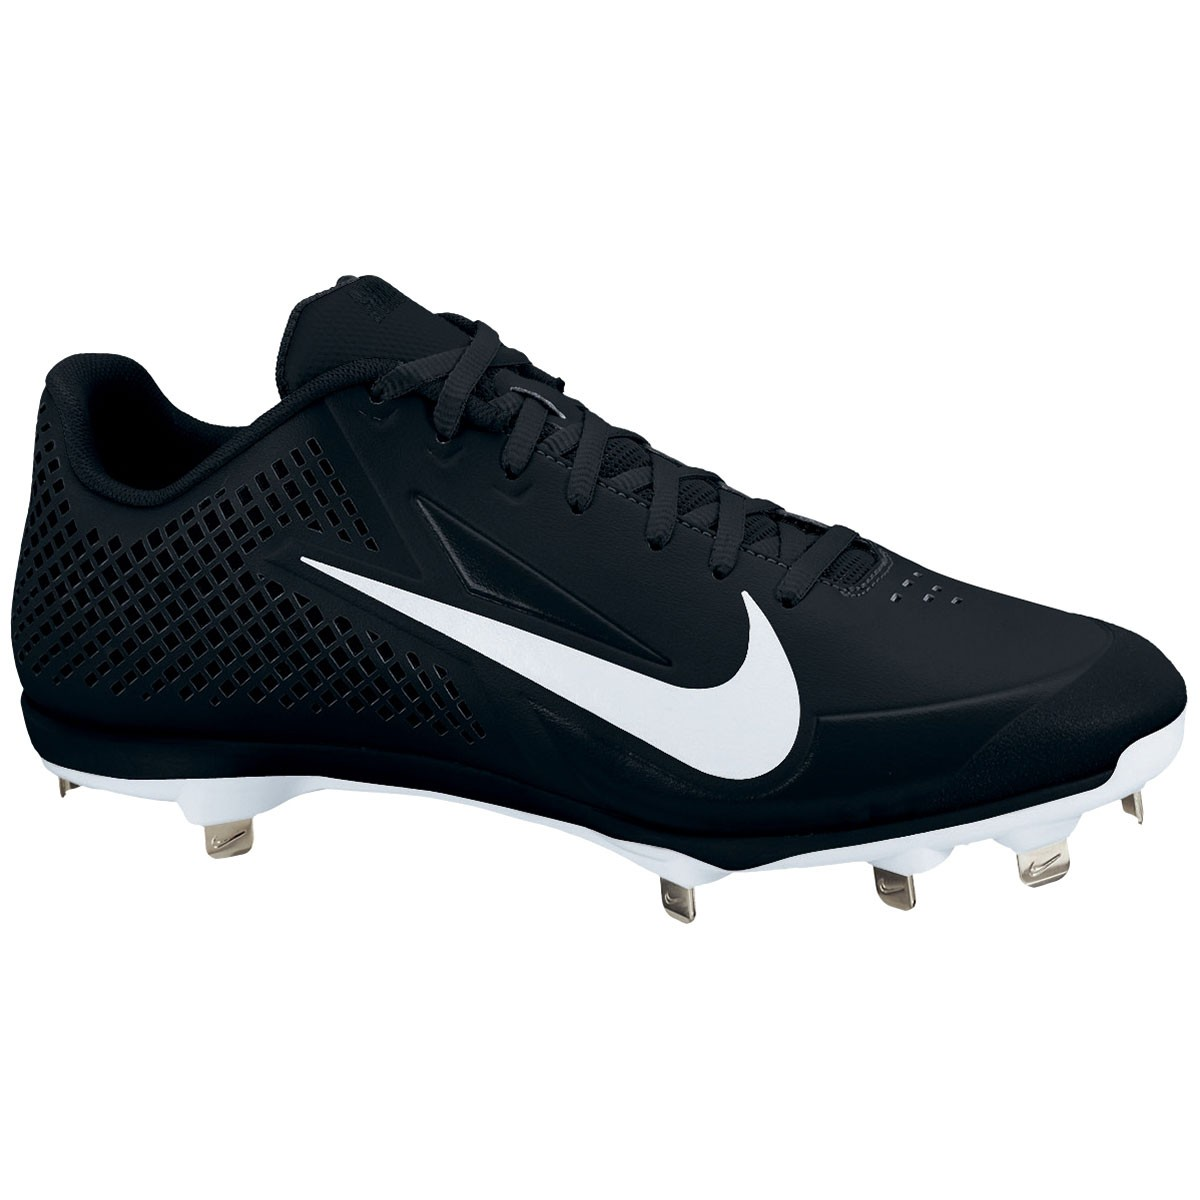 Nike Vapor Elite Baseball Shoes